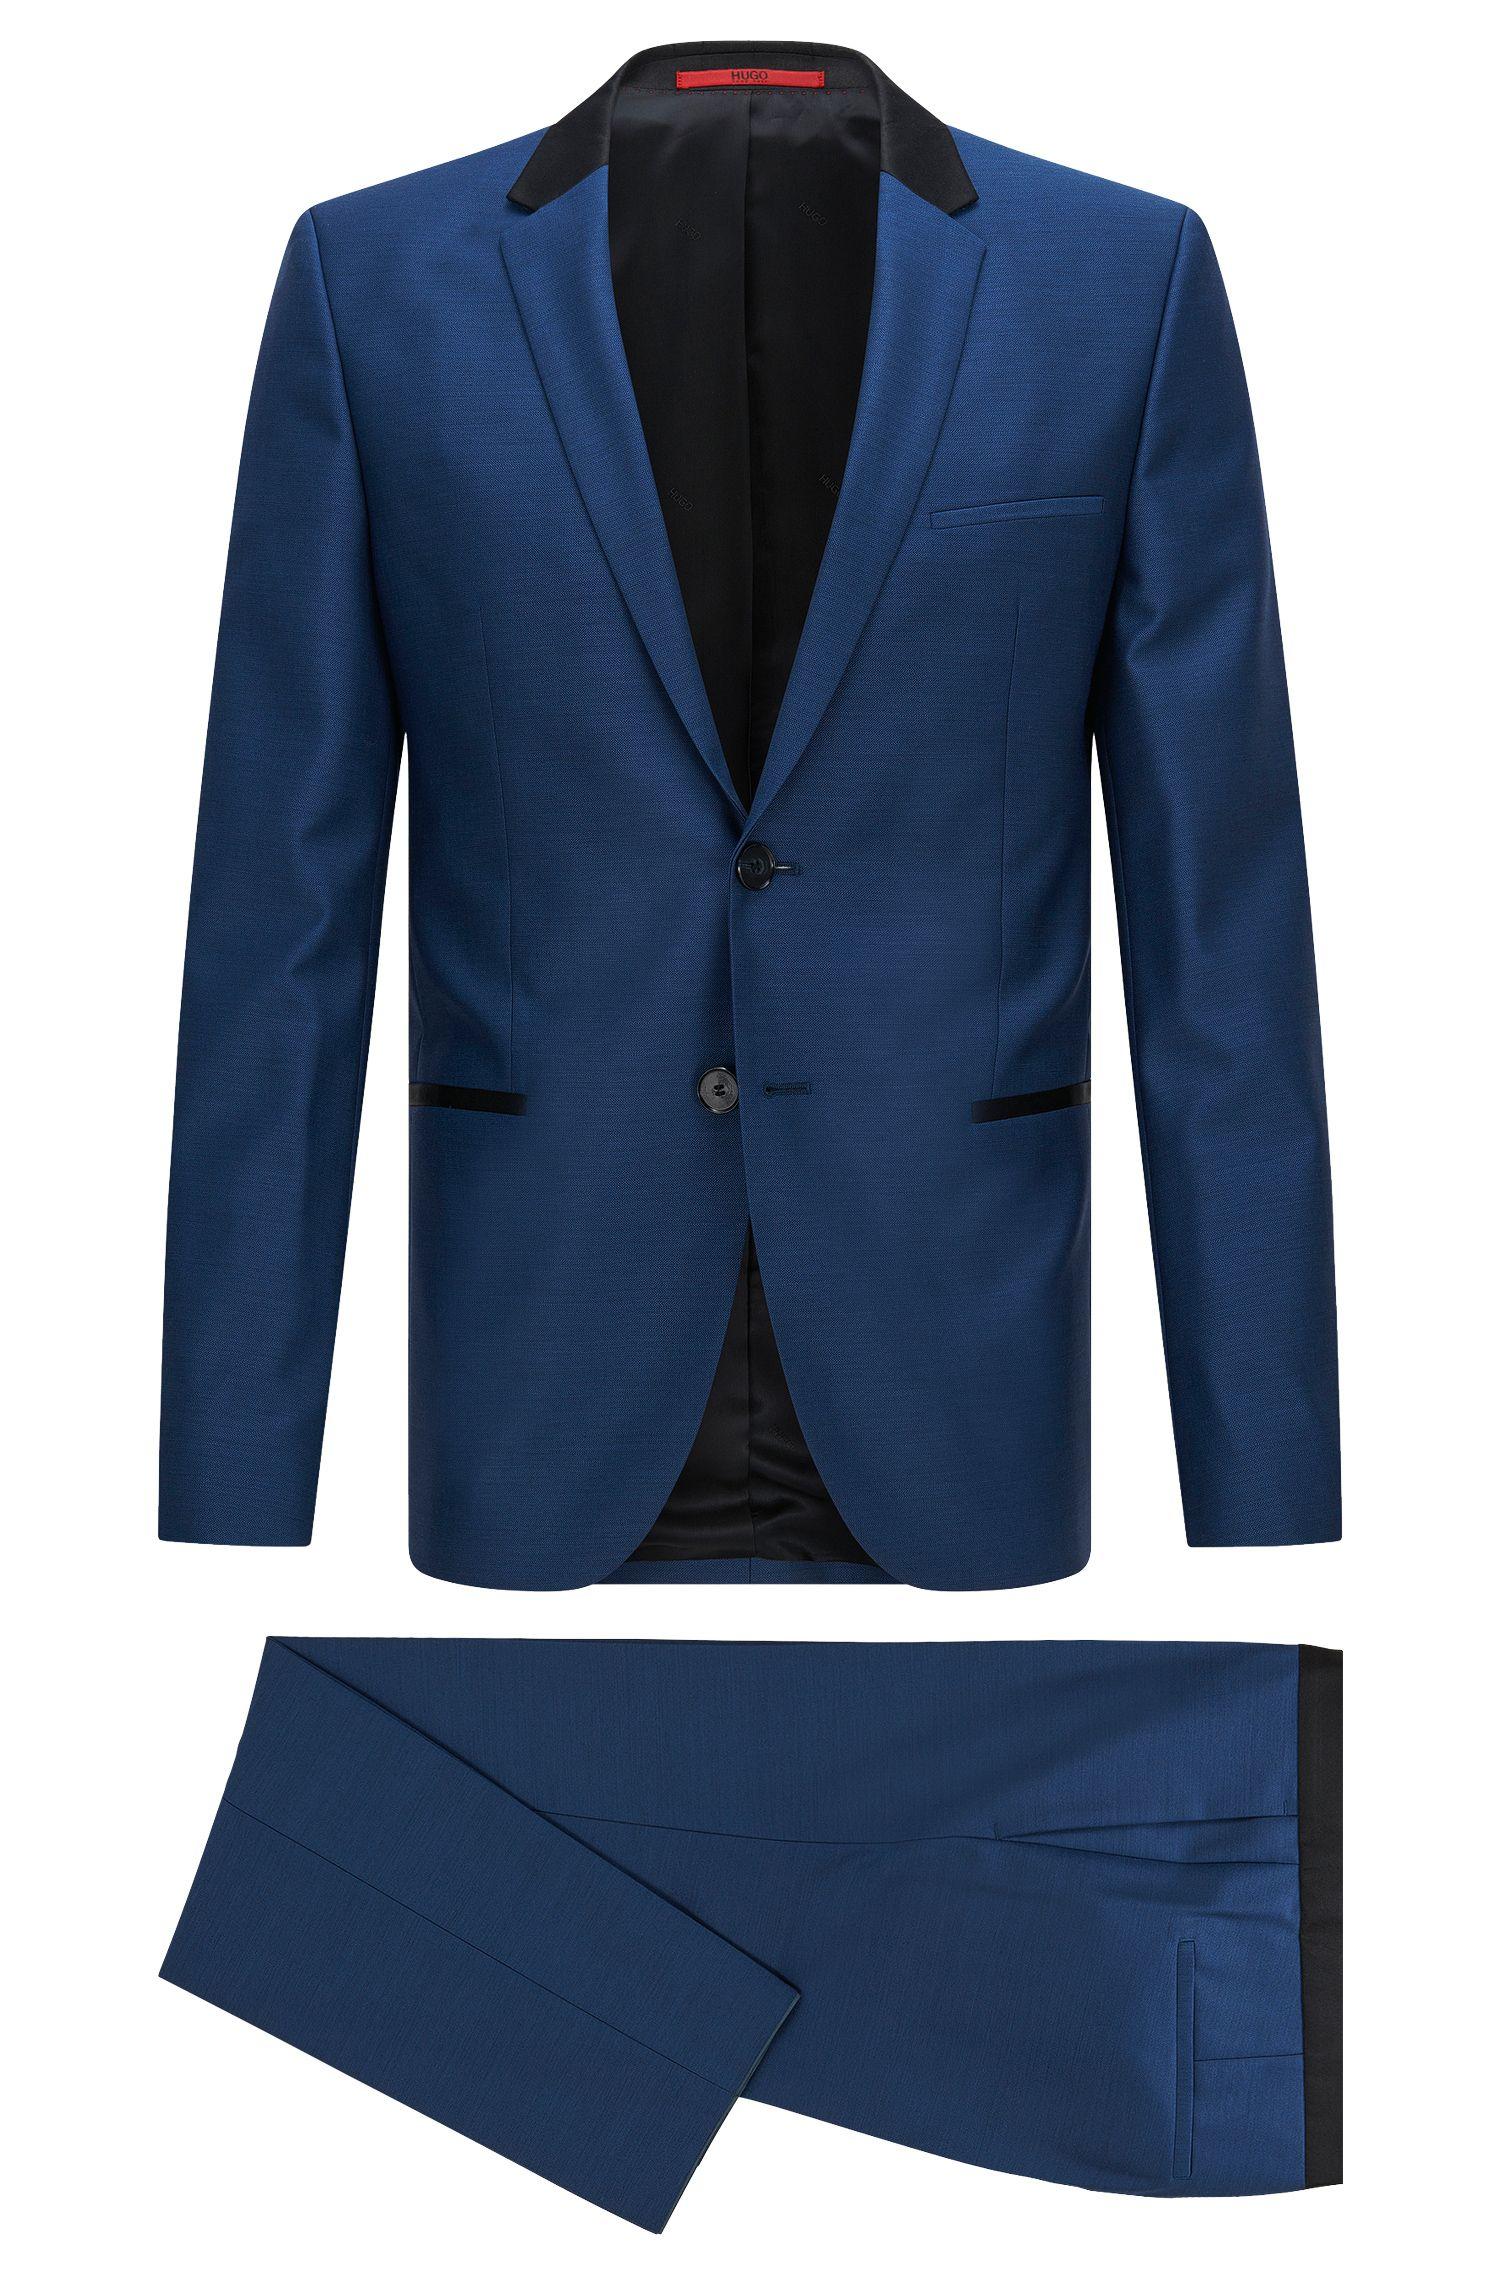 Super 110 Virgin Wool Suit', Slim Fit | Anly/Hetin